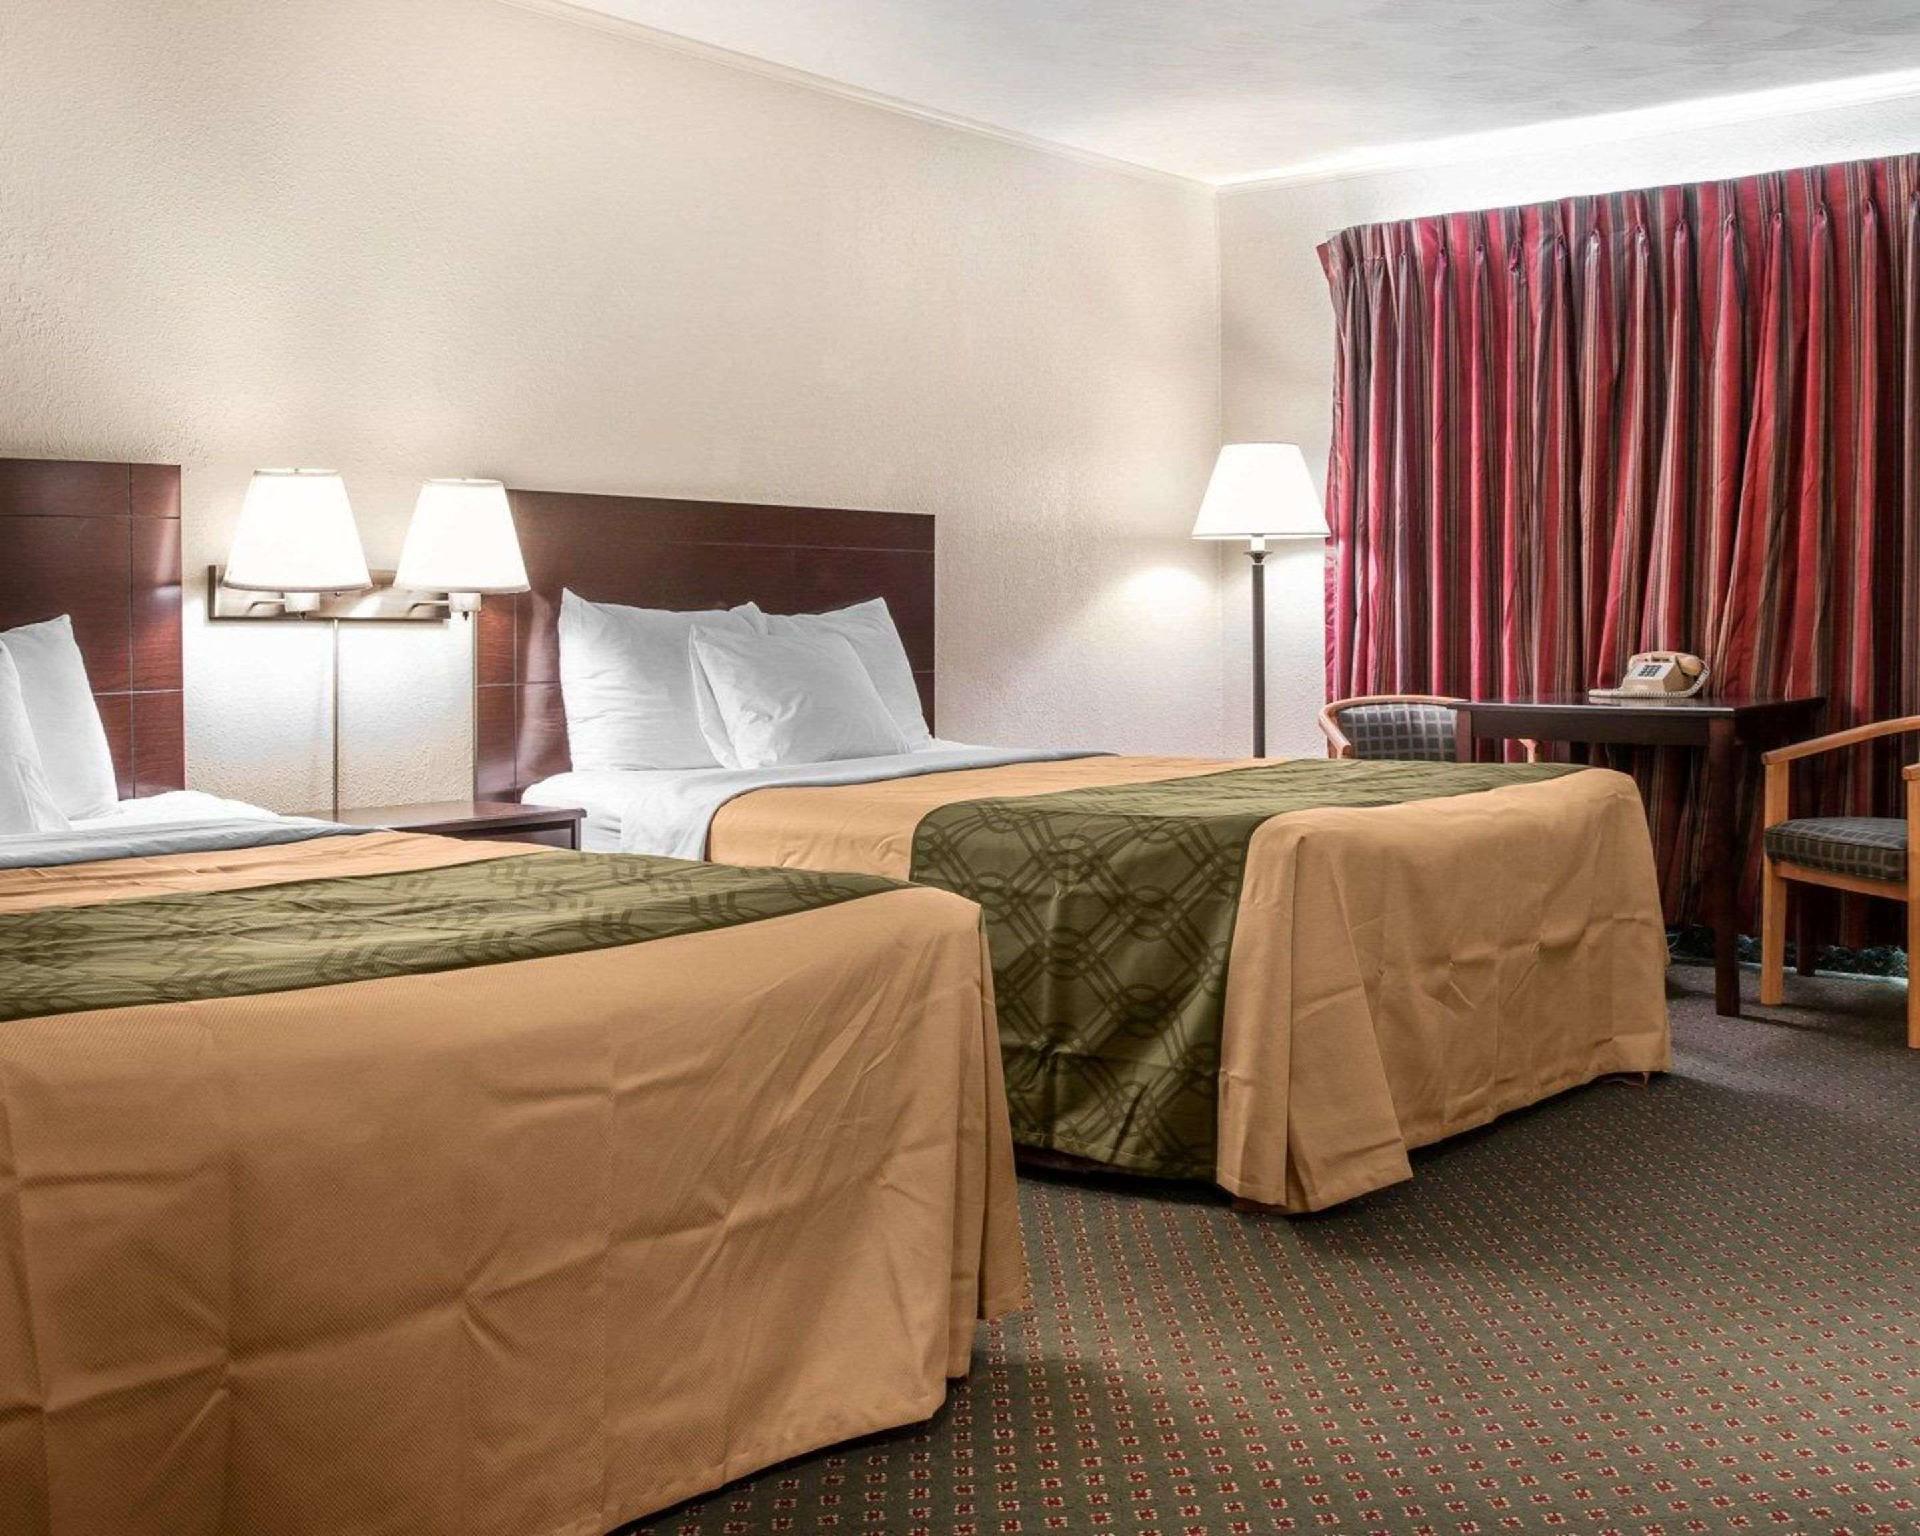 Econo Lodge Inn & Suites Munising Area, Alger